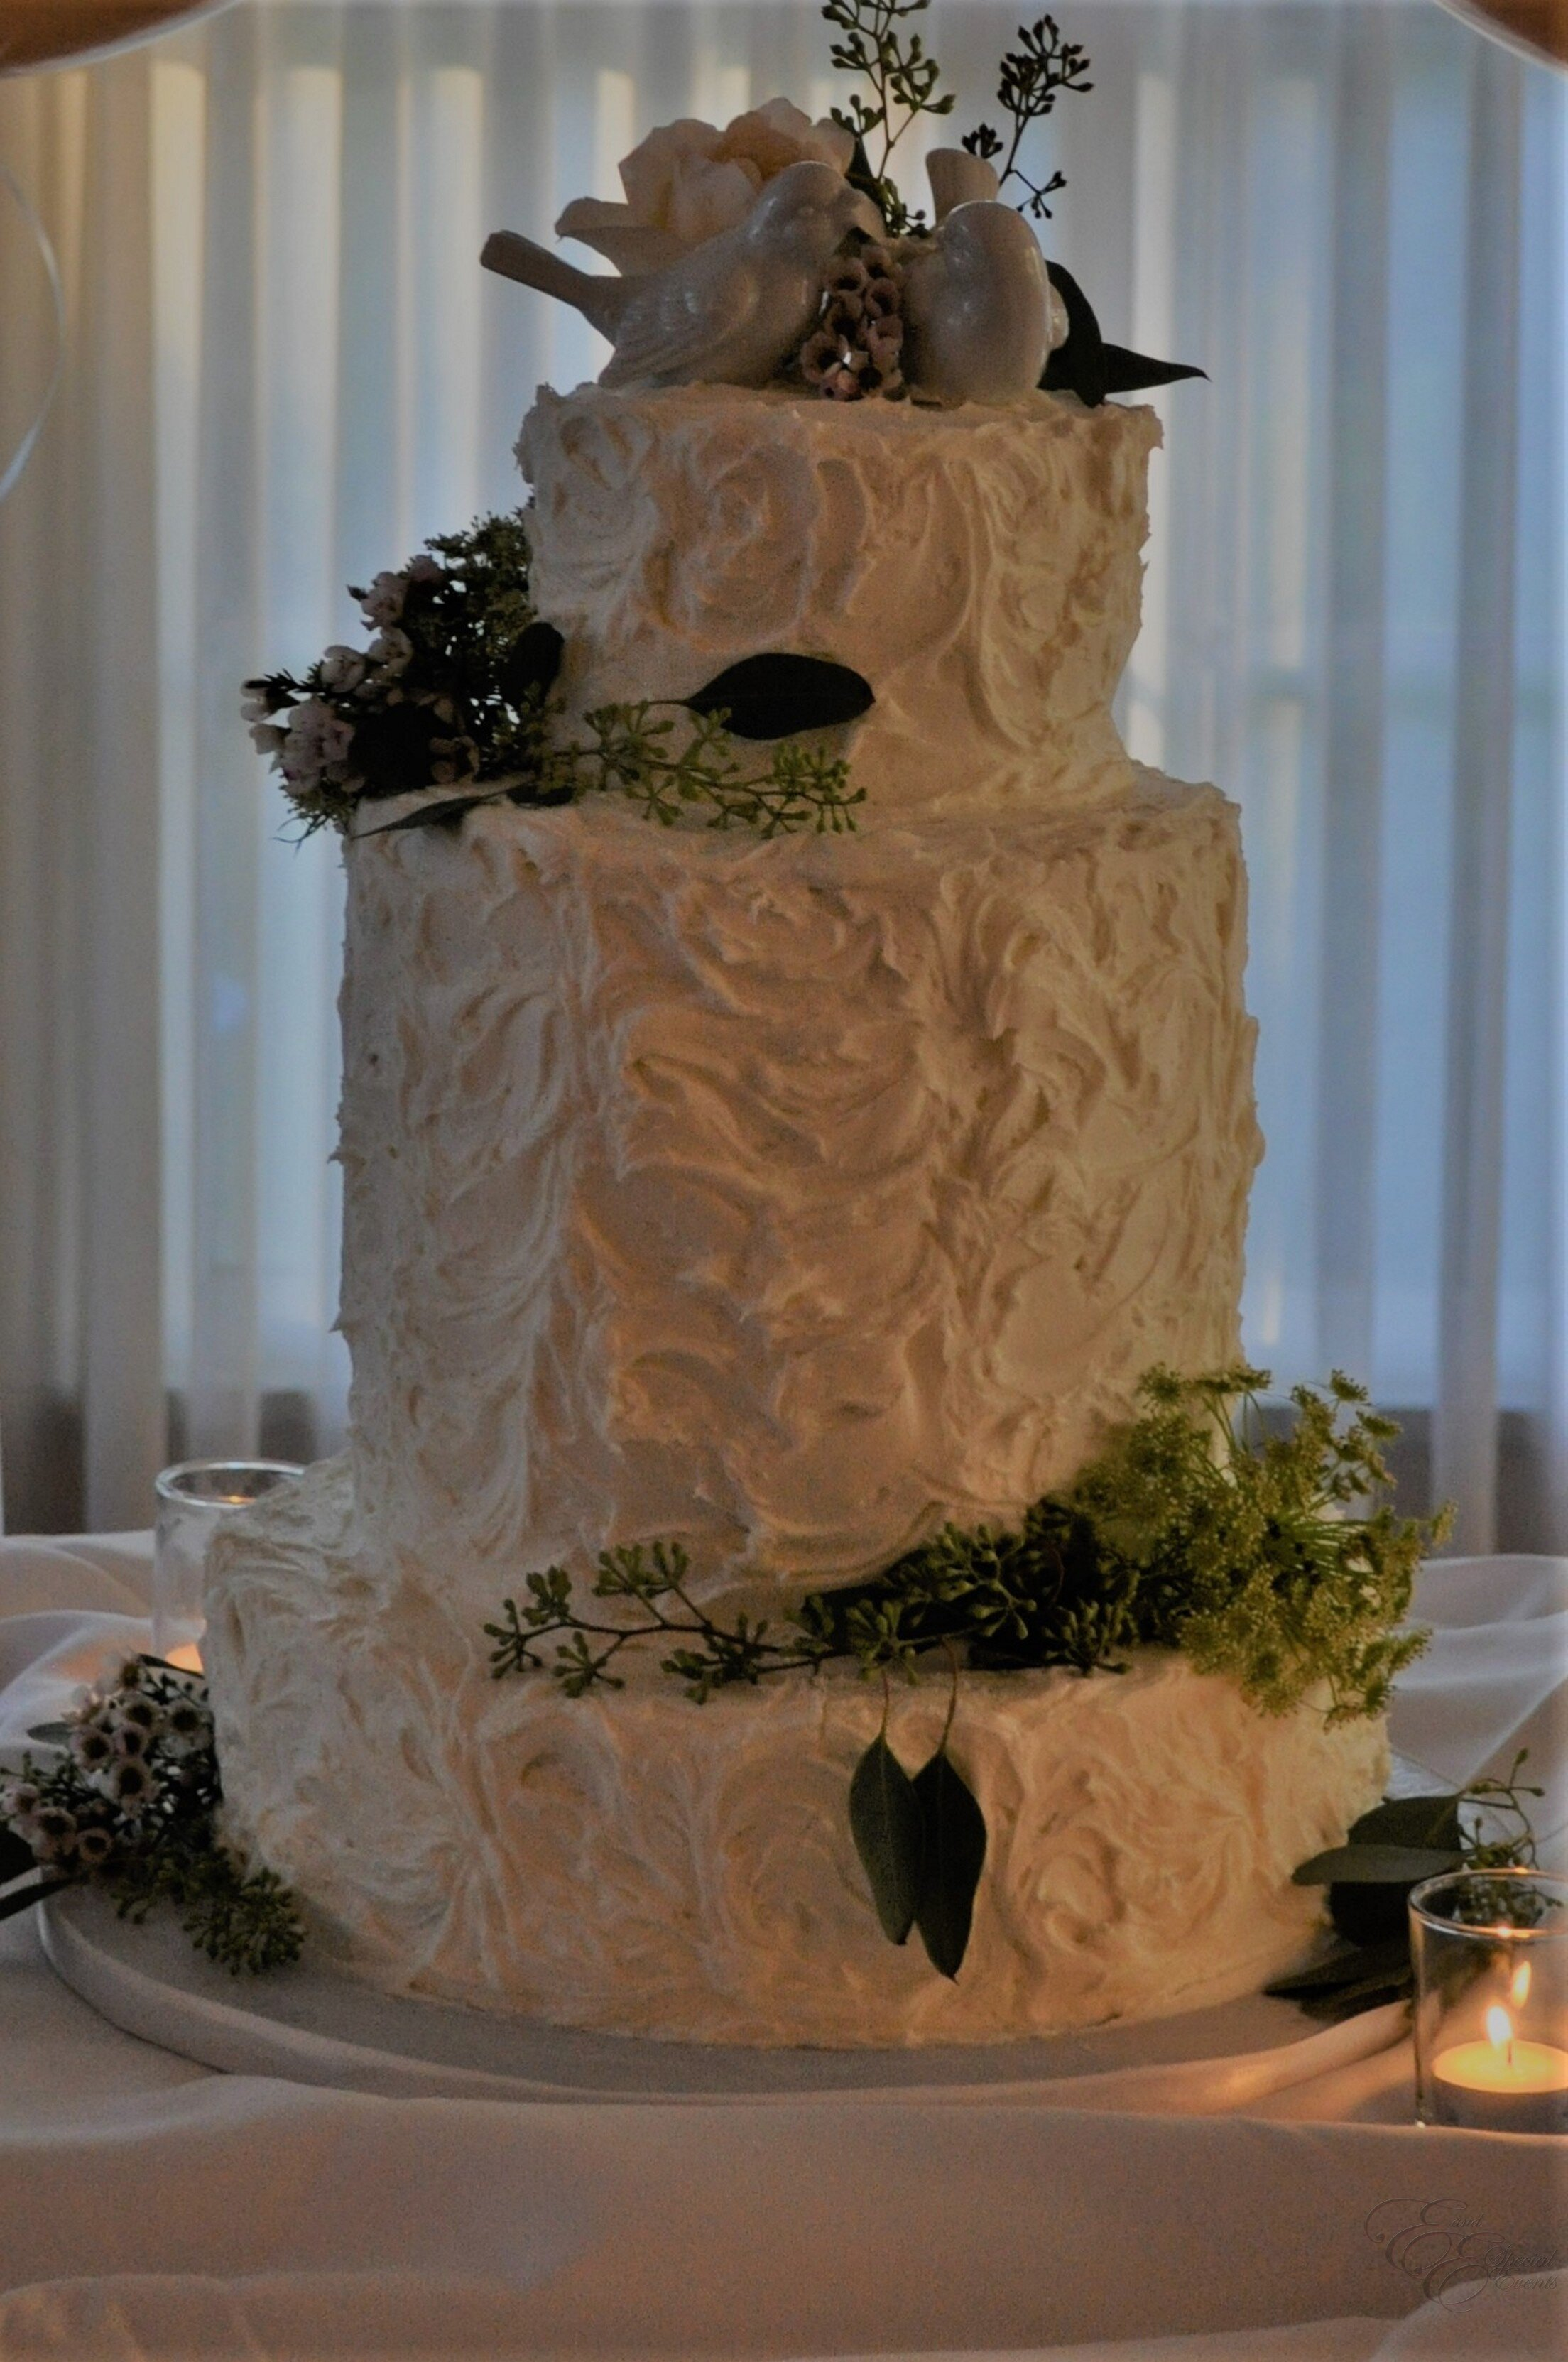 E_E_Special_Events_Unique_Wedding_Cakes_Virginia_Beach_Hampton_Roads68.jpg